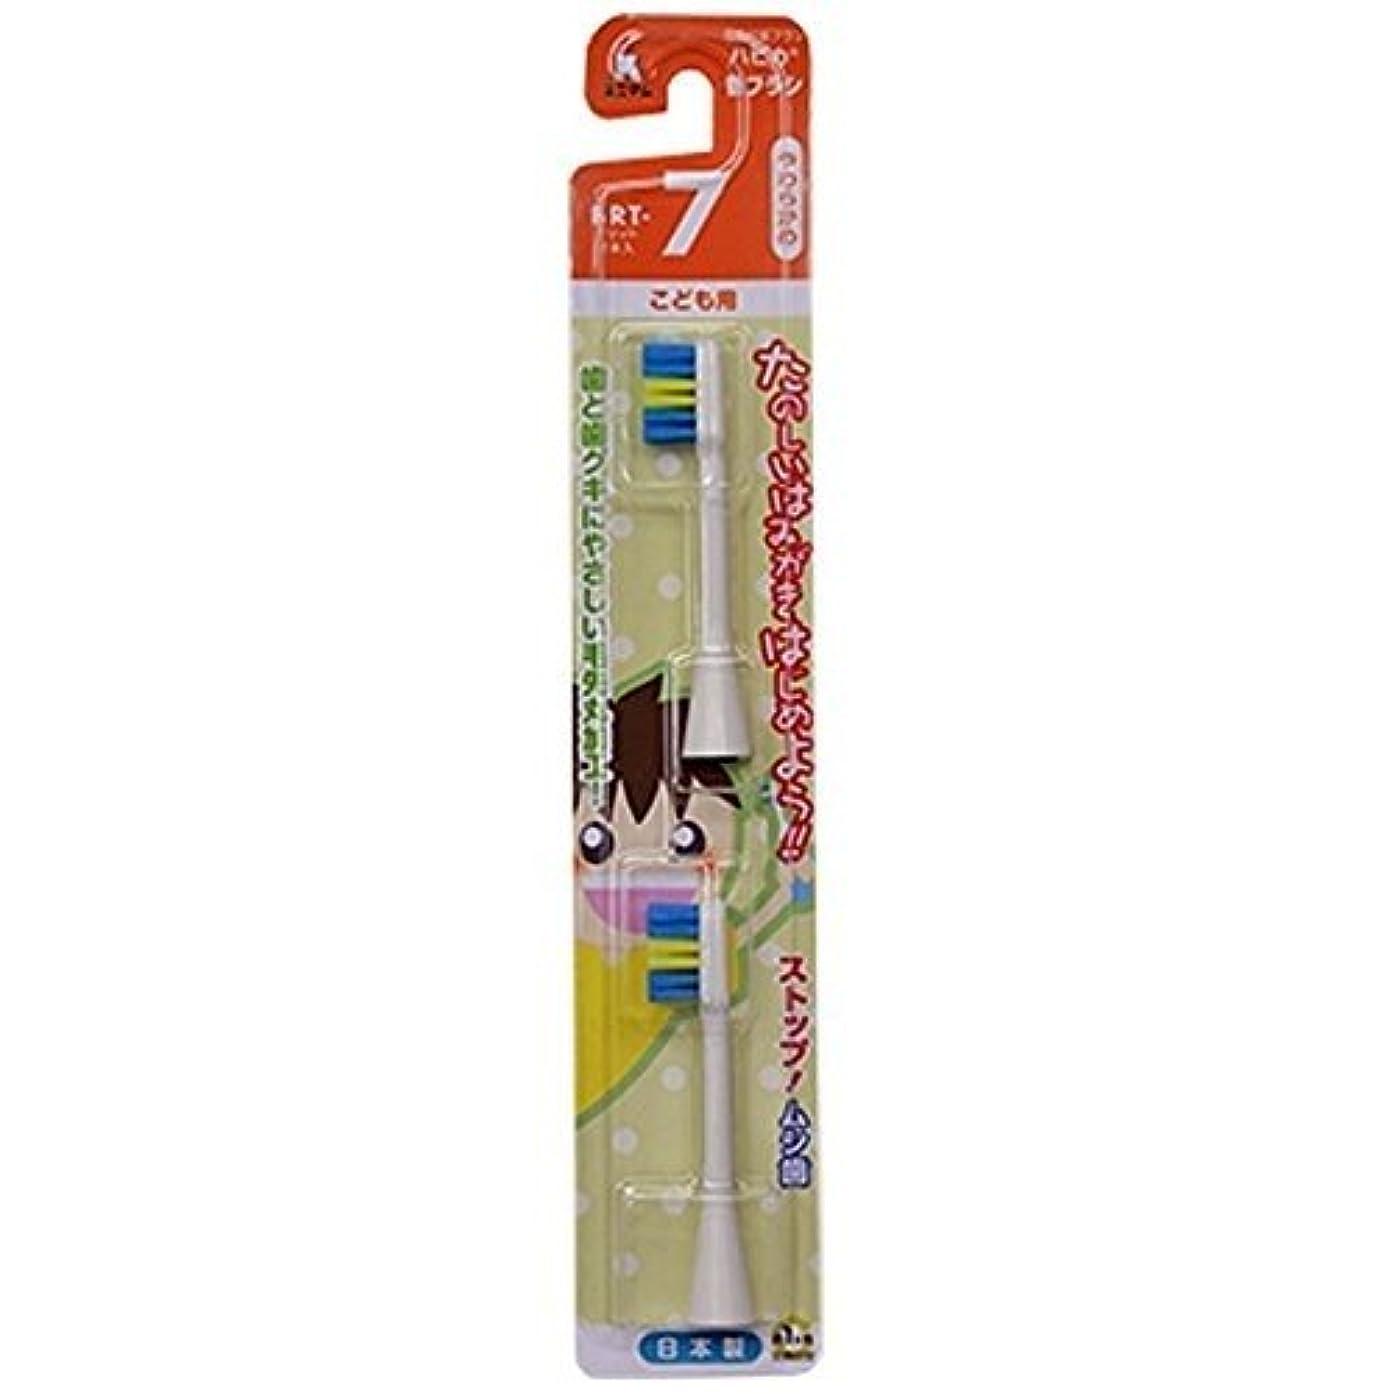 セイはさておきぶら下がるラベミニマム 電動付歯ブラシ ハピカ 専用替ブラシ こども用 毛の硬さ:やわらかめ BRT-7 2個入